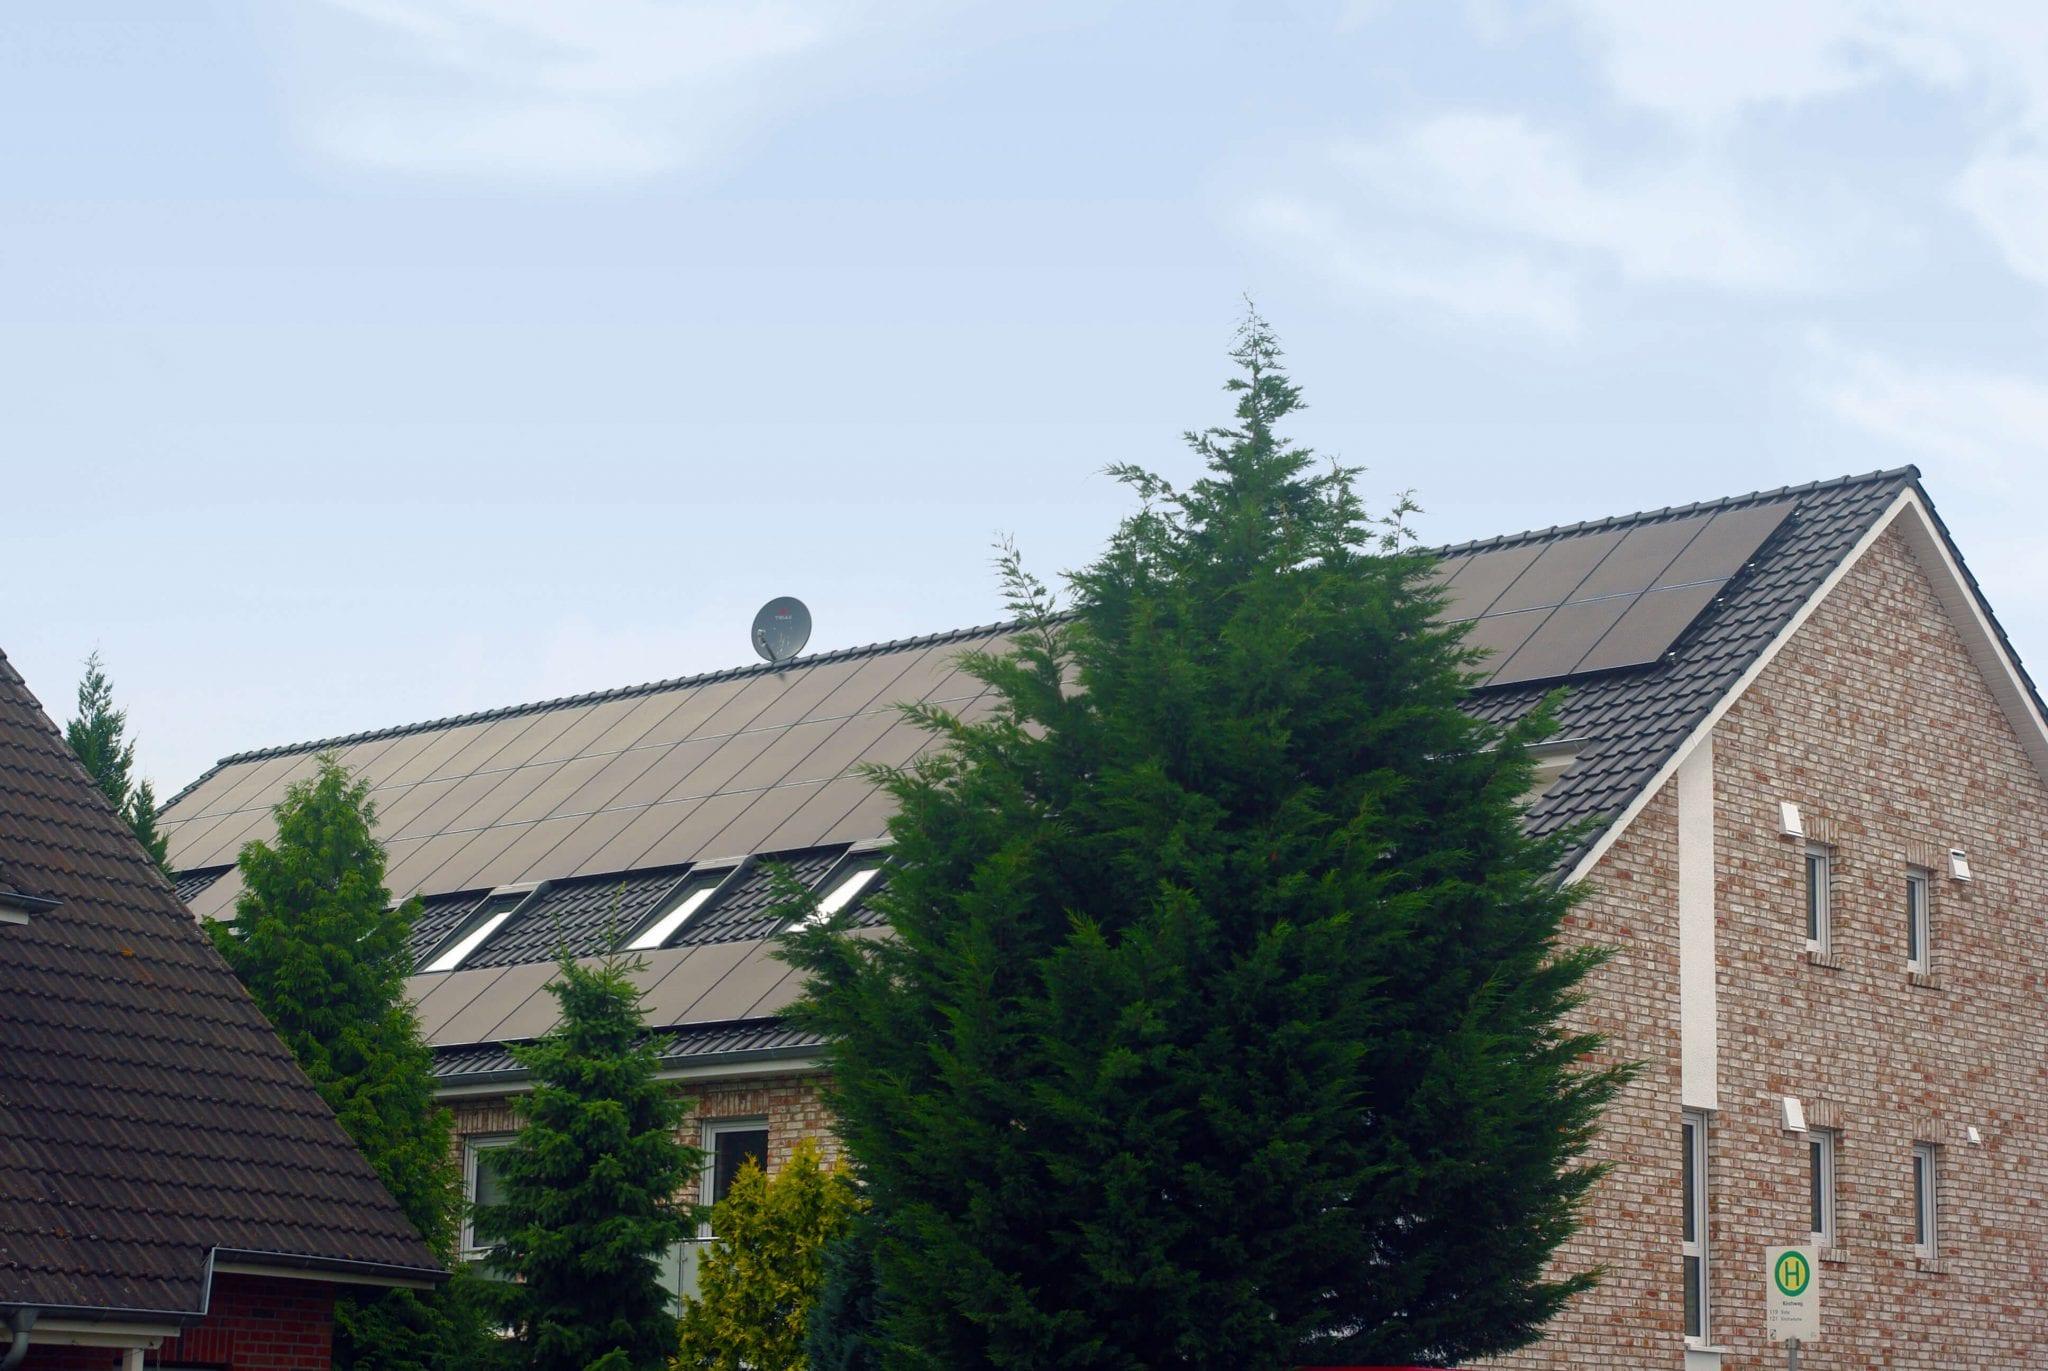 NATURSTROM beliefert Mehrfamilienhaus in Niedersachsen mit Mieterstrom